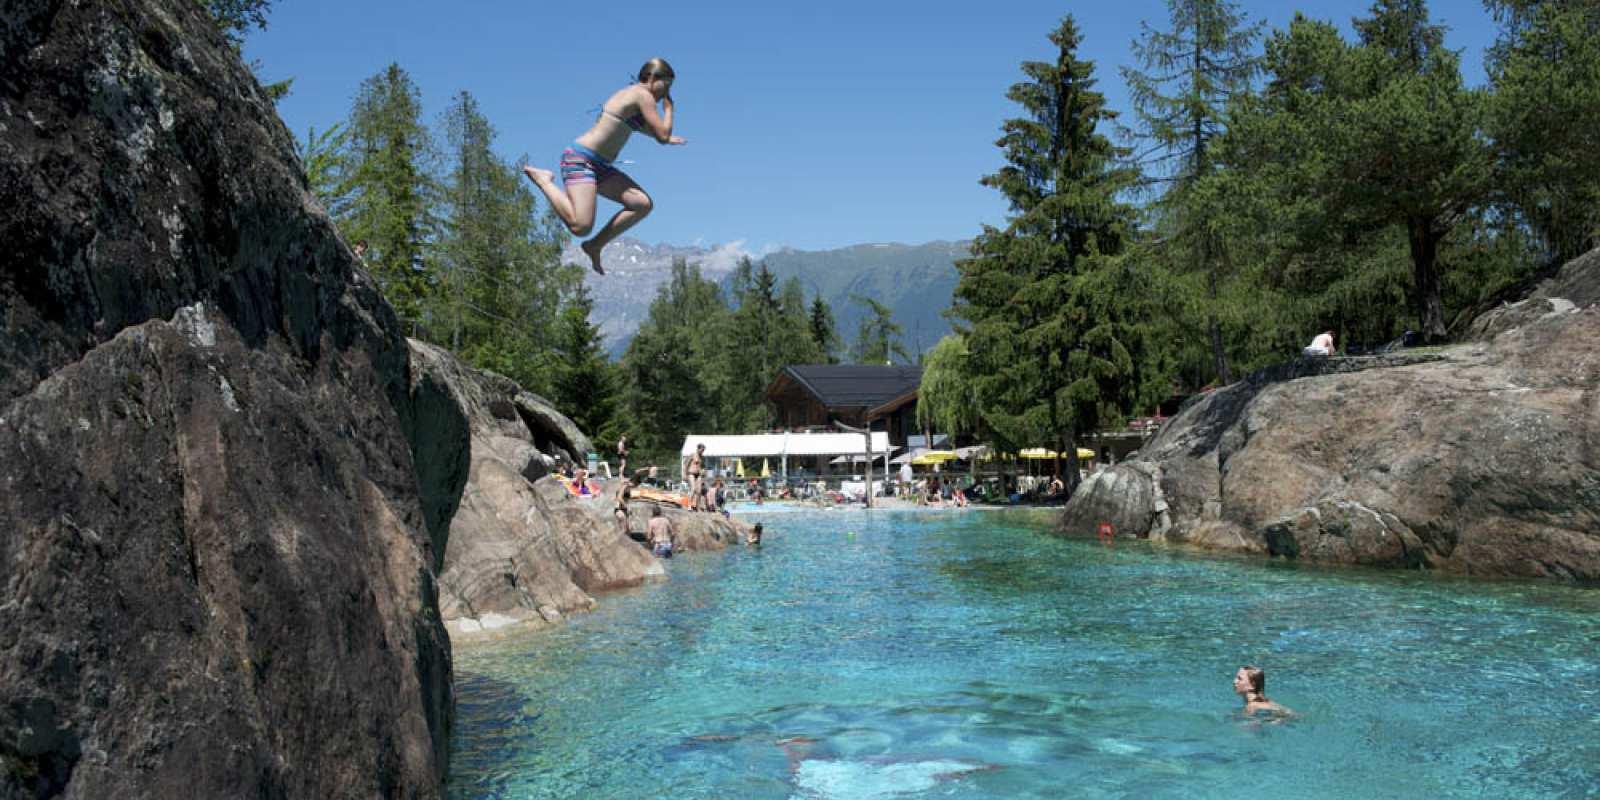 Zoo et piscine des mar cottes terroir tourisme for Piscine de montceau les mines